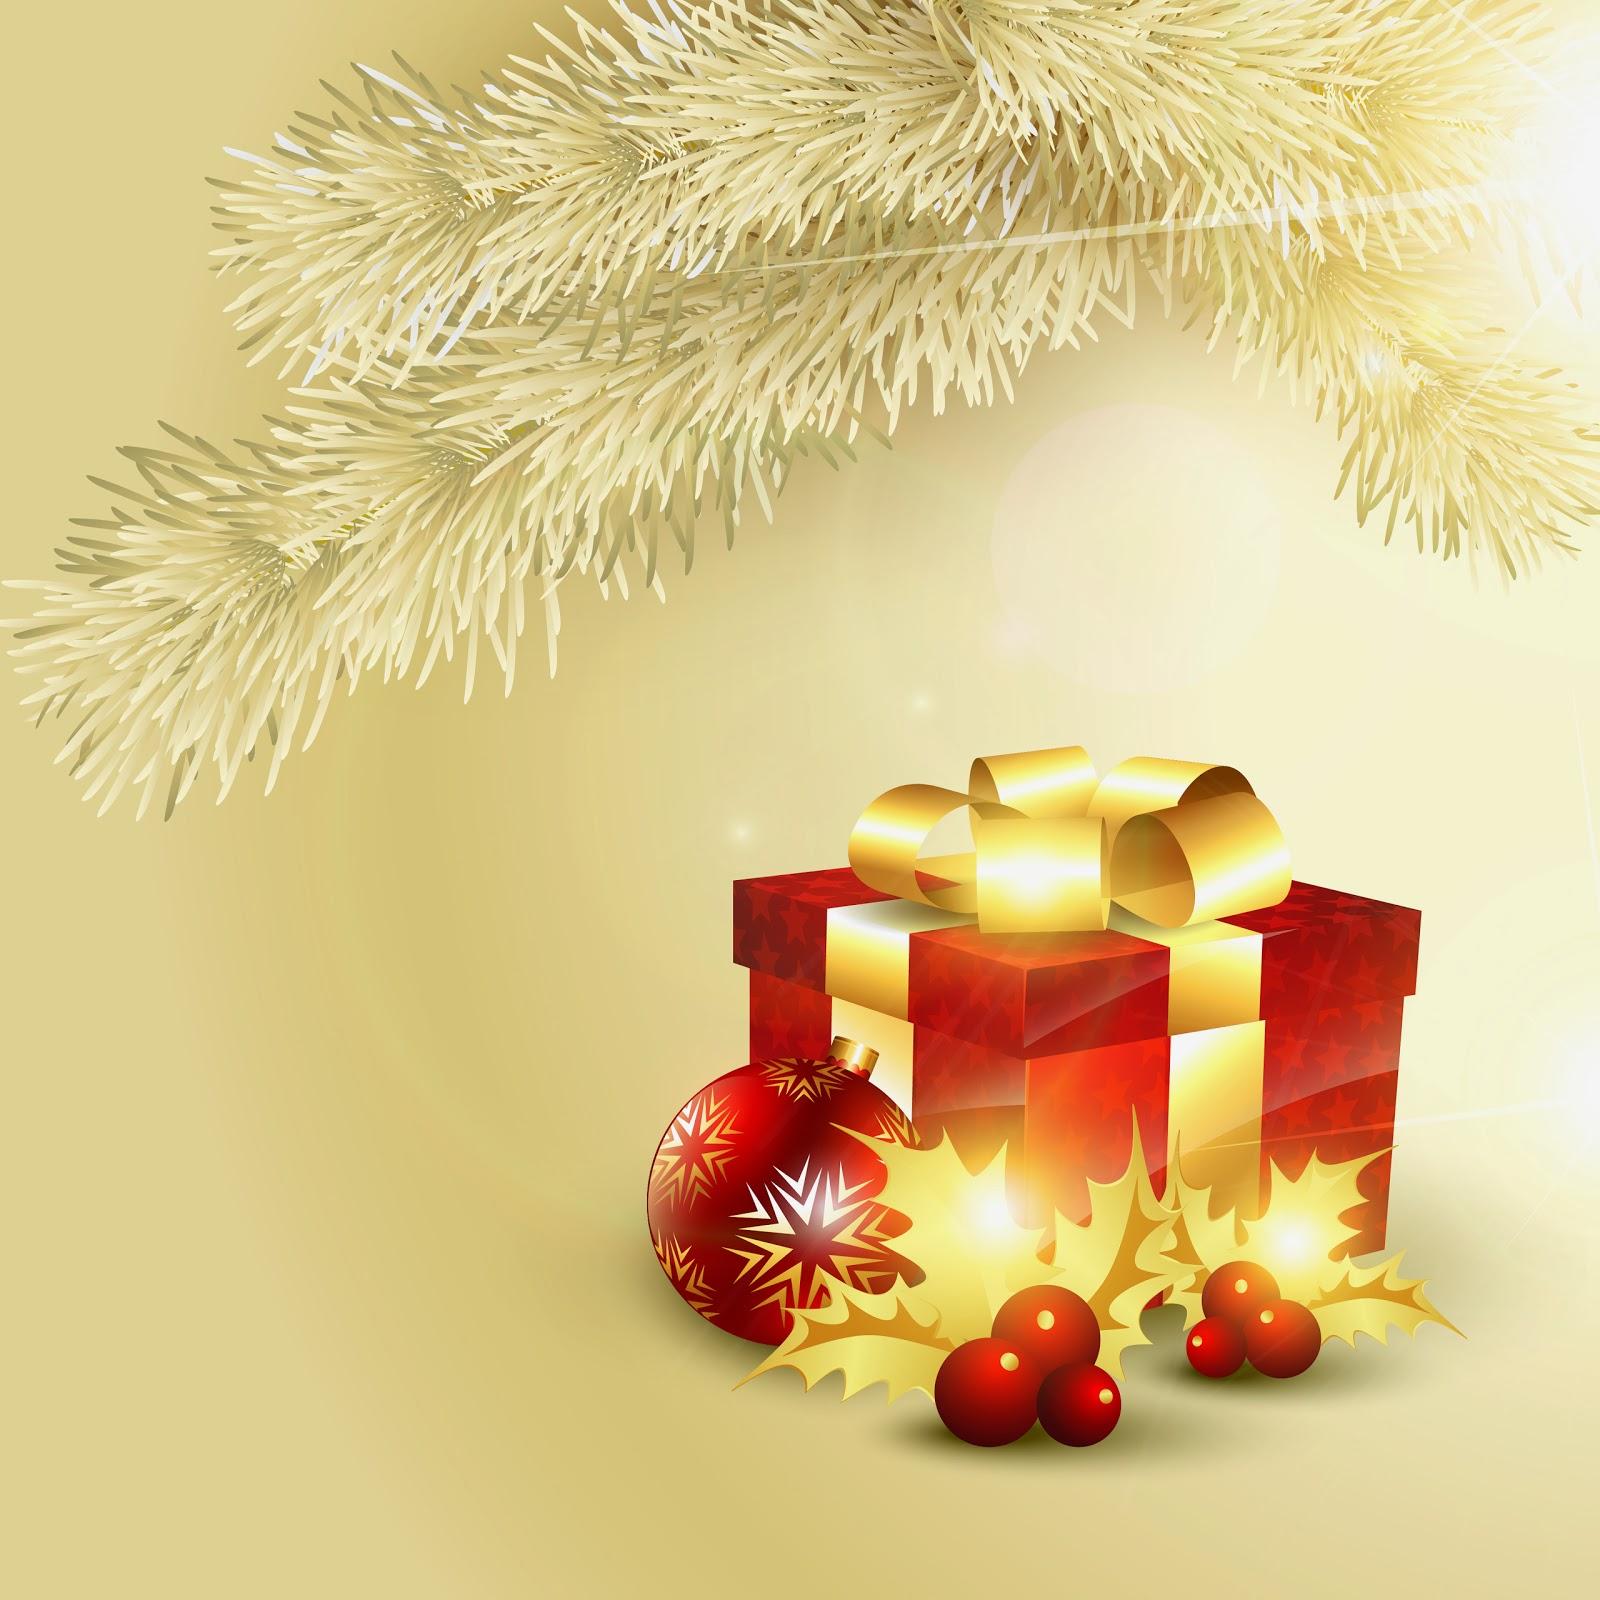 Kleine Weihnachtsbilder.Group Of Neue Weihnachtsbilder Findet